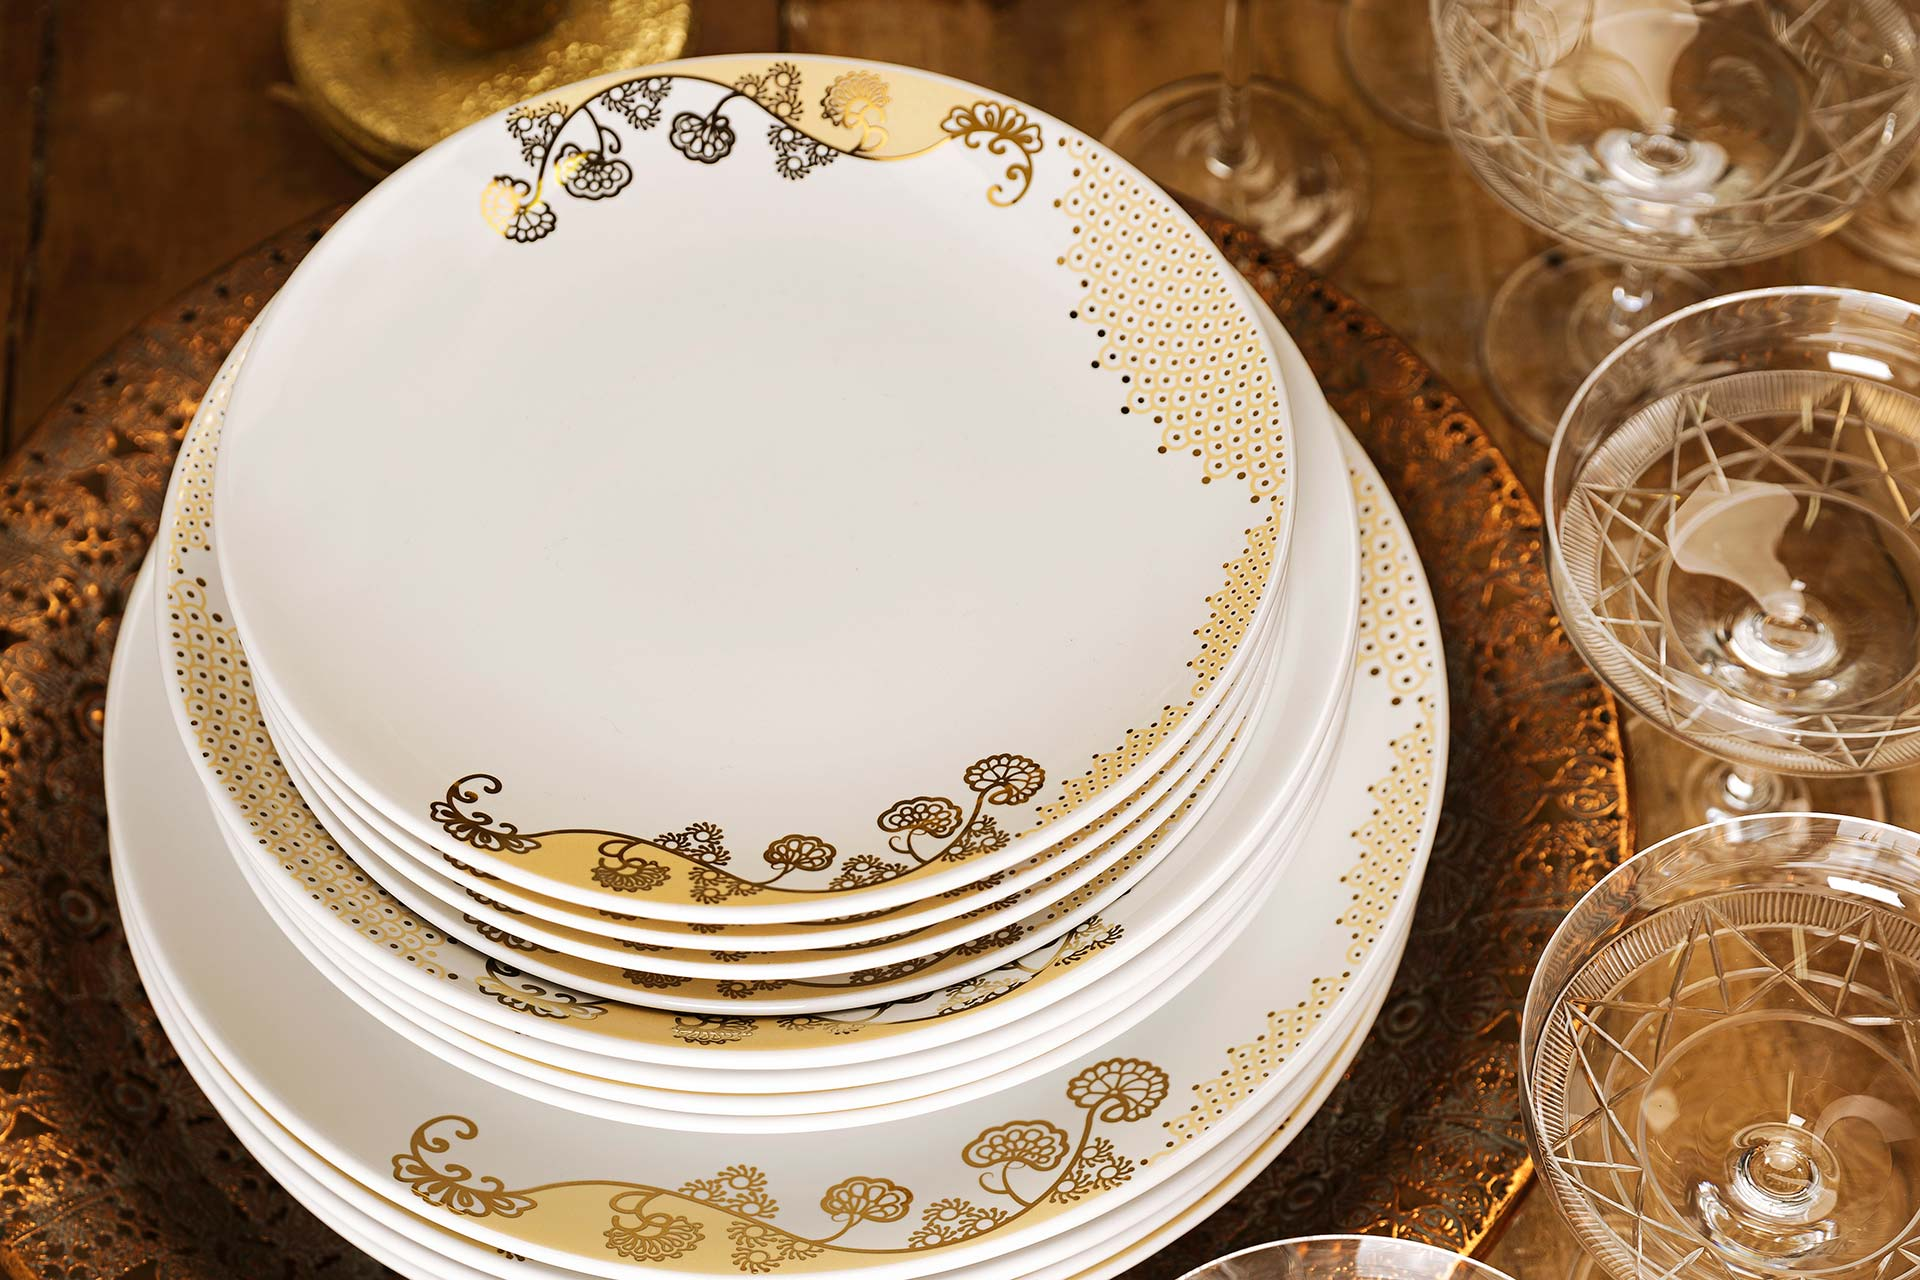 Imagem: Na coleção Coup Golden, o destaque está no contraste entre dois tons de ouro: fosco e brilhante. Uma louça linda e requintada que também pode ser usada no micro-ondas. Todos os traços dourados são feitos com a nova tinta dourada sem metais.